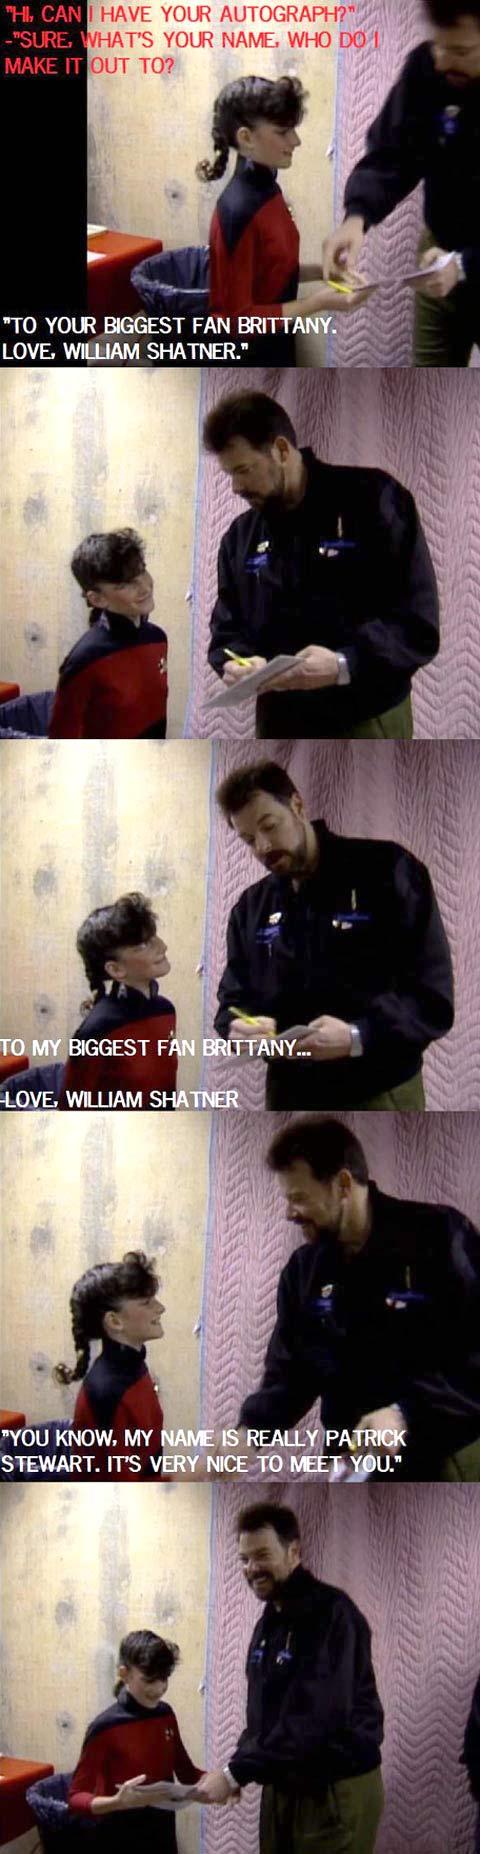 funny-William-Shatner-Star-Trek-girl